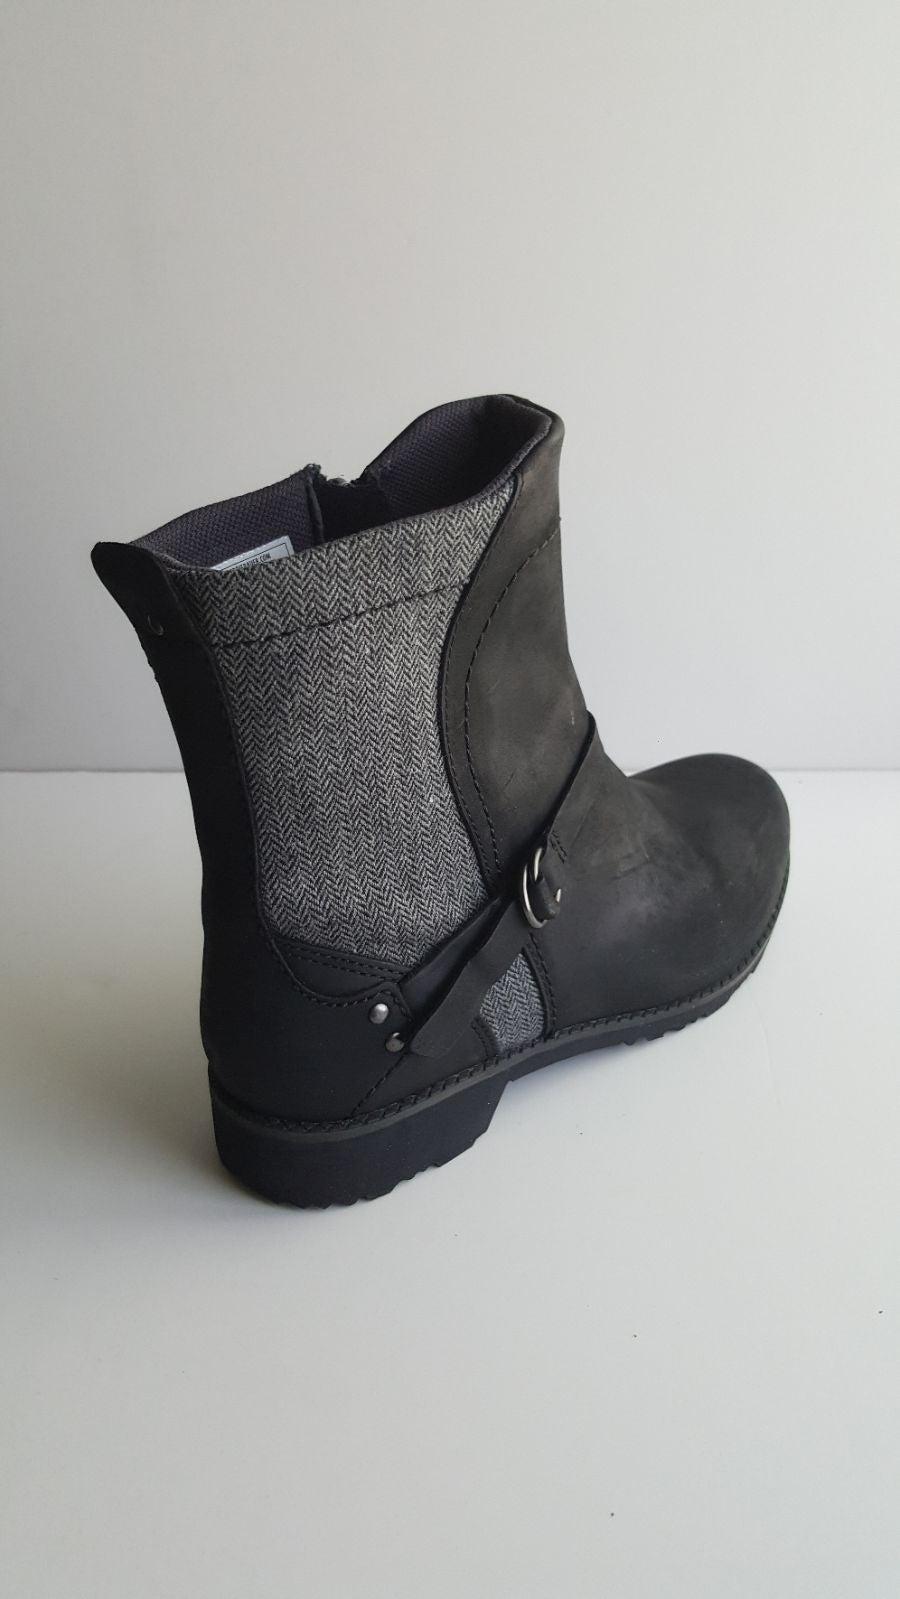 Boots EDDIE BAUER size 9